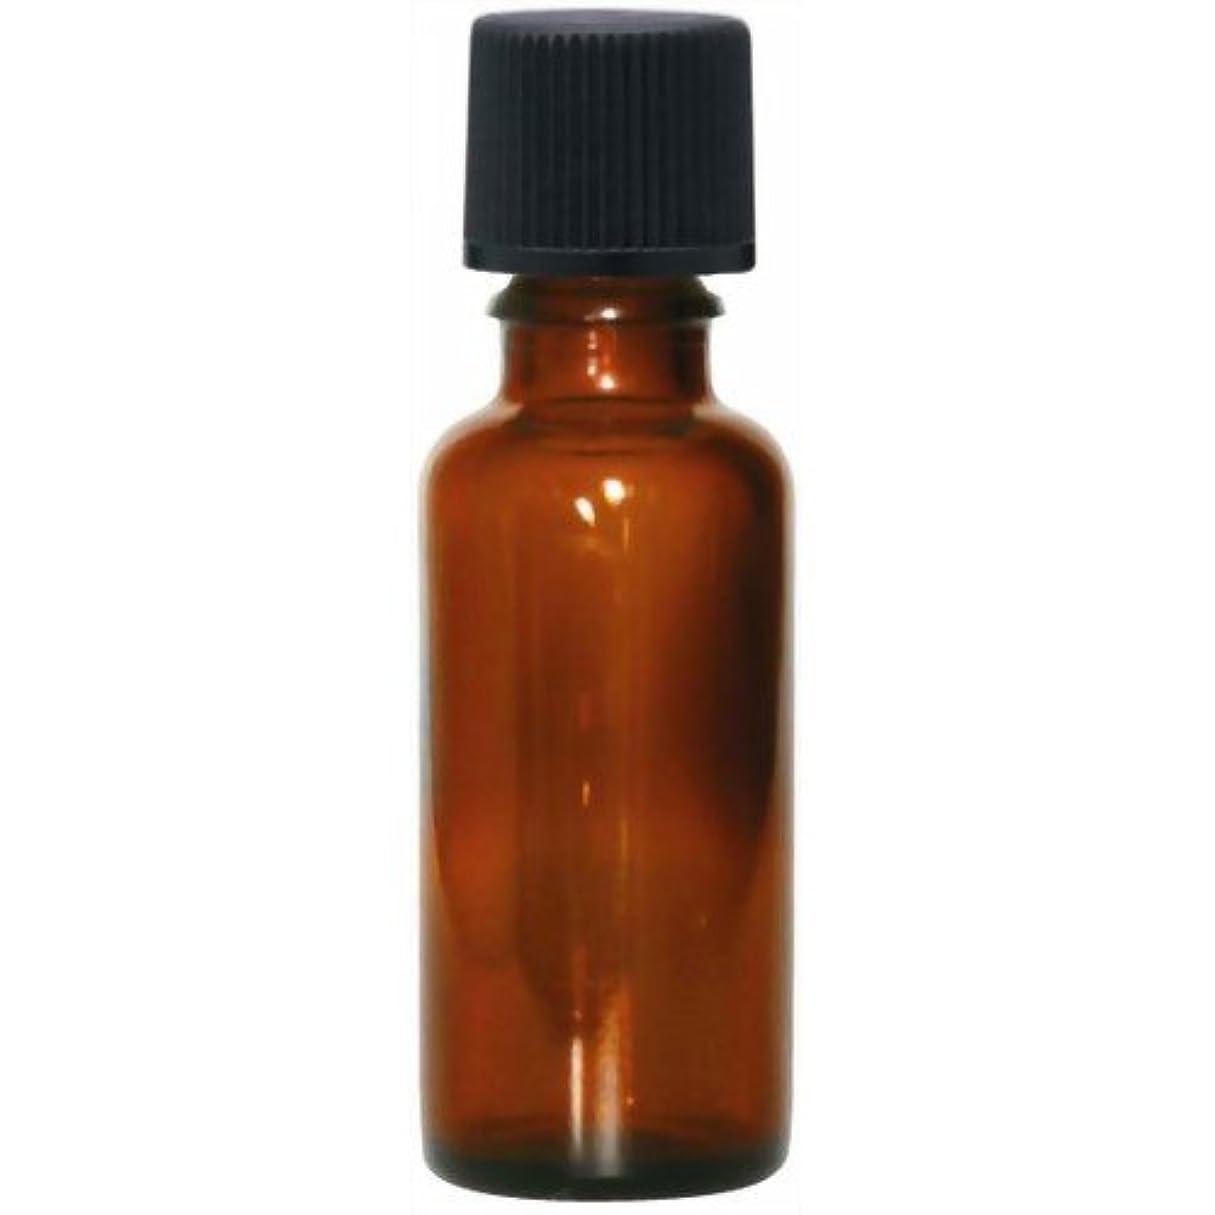 悪意のある最大化するホールド茶色遮光瓶30ml(黒キャップ)